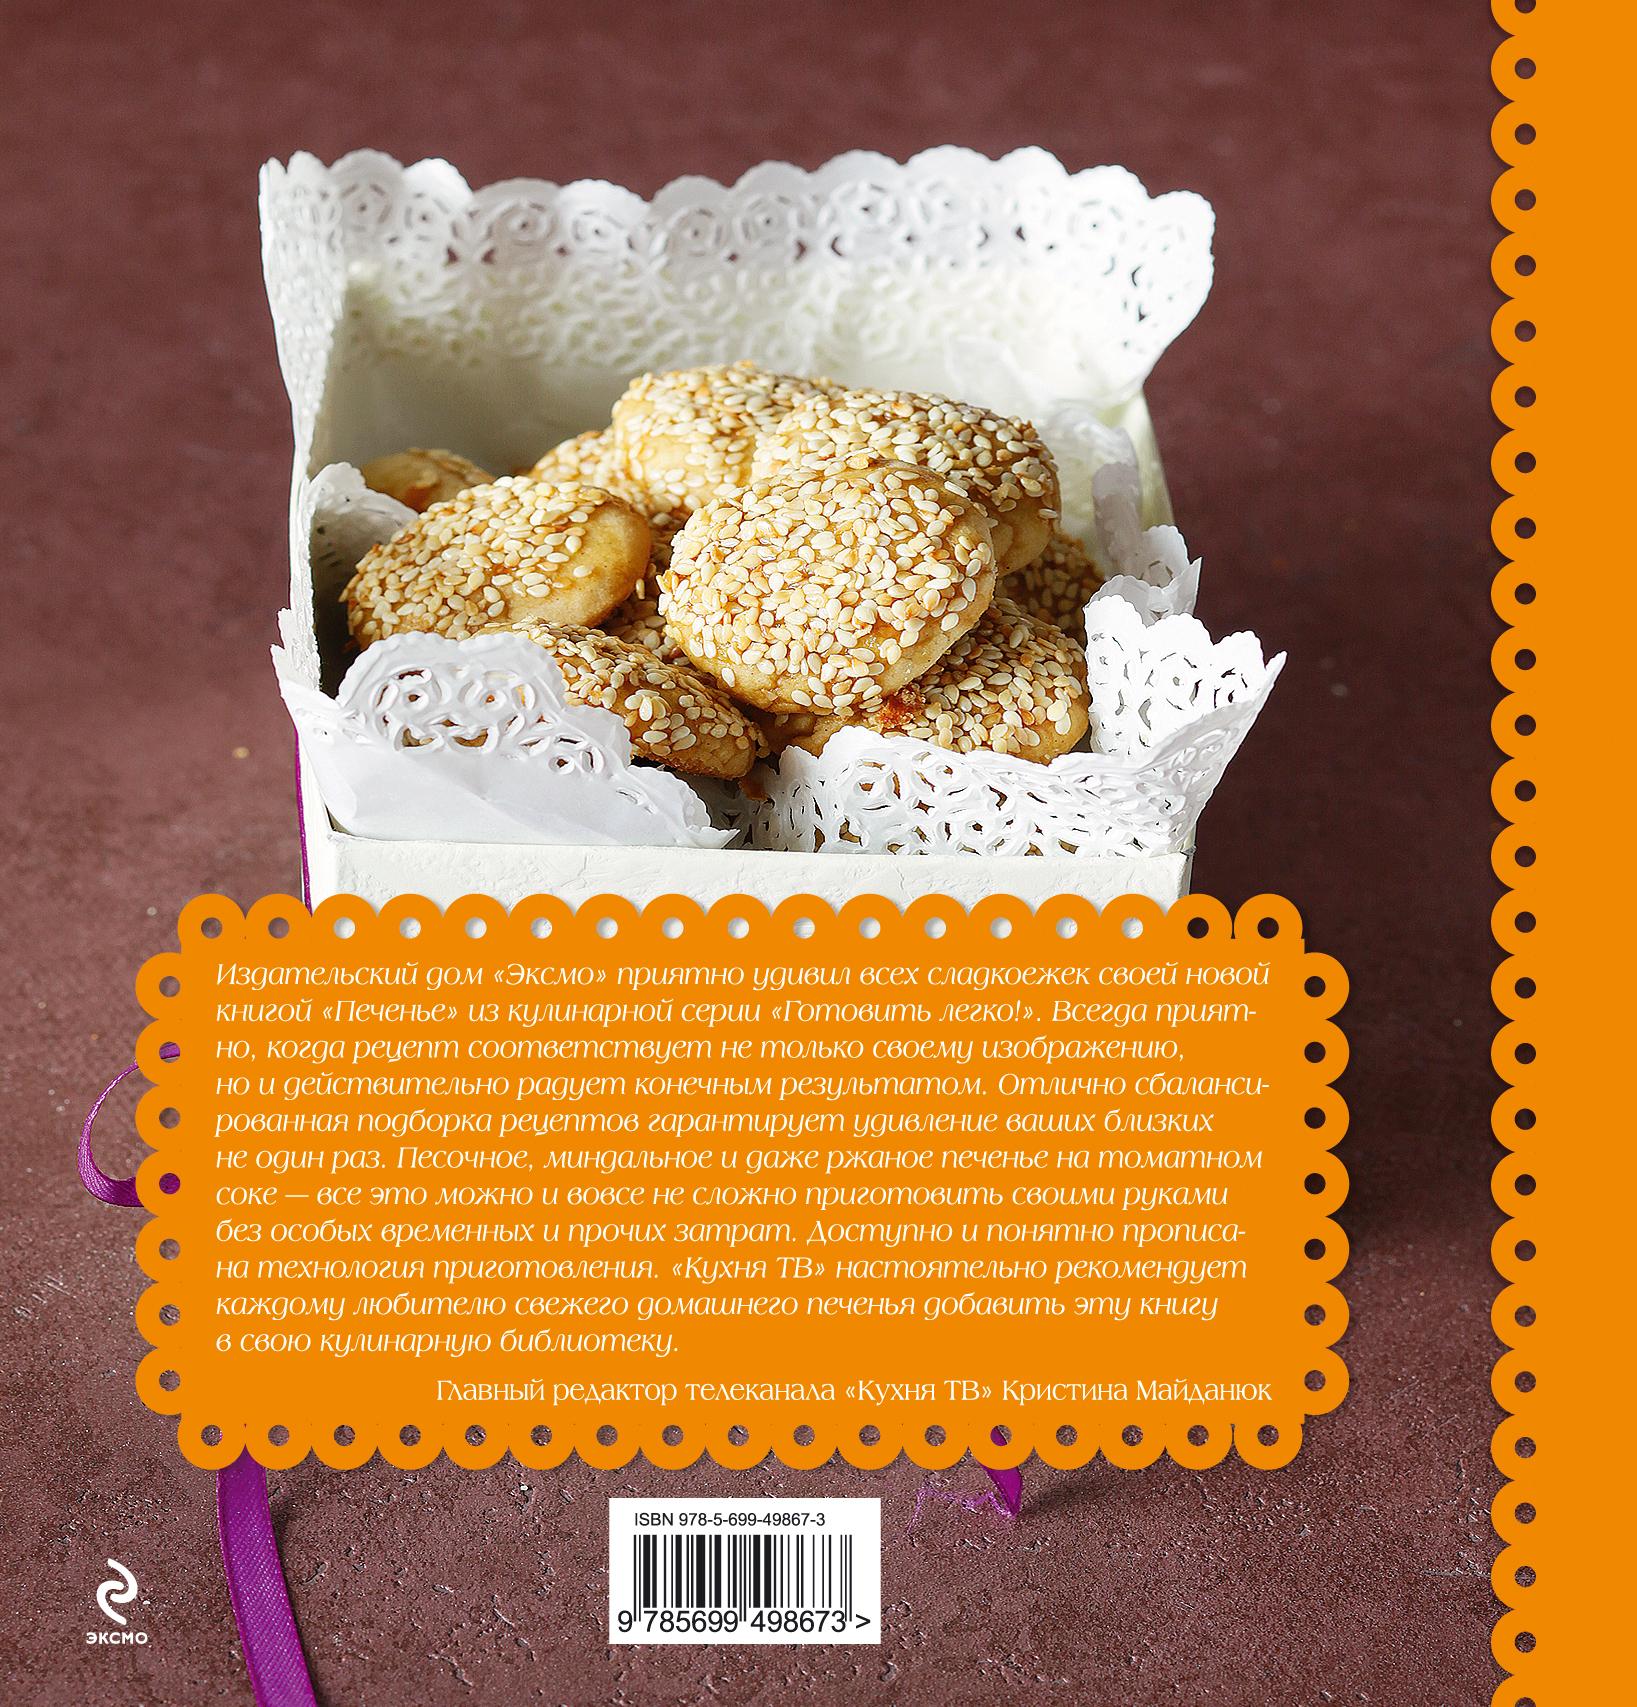 Печенье (+ 6 формочек для печенья и силиконовый коврик)